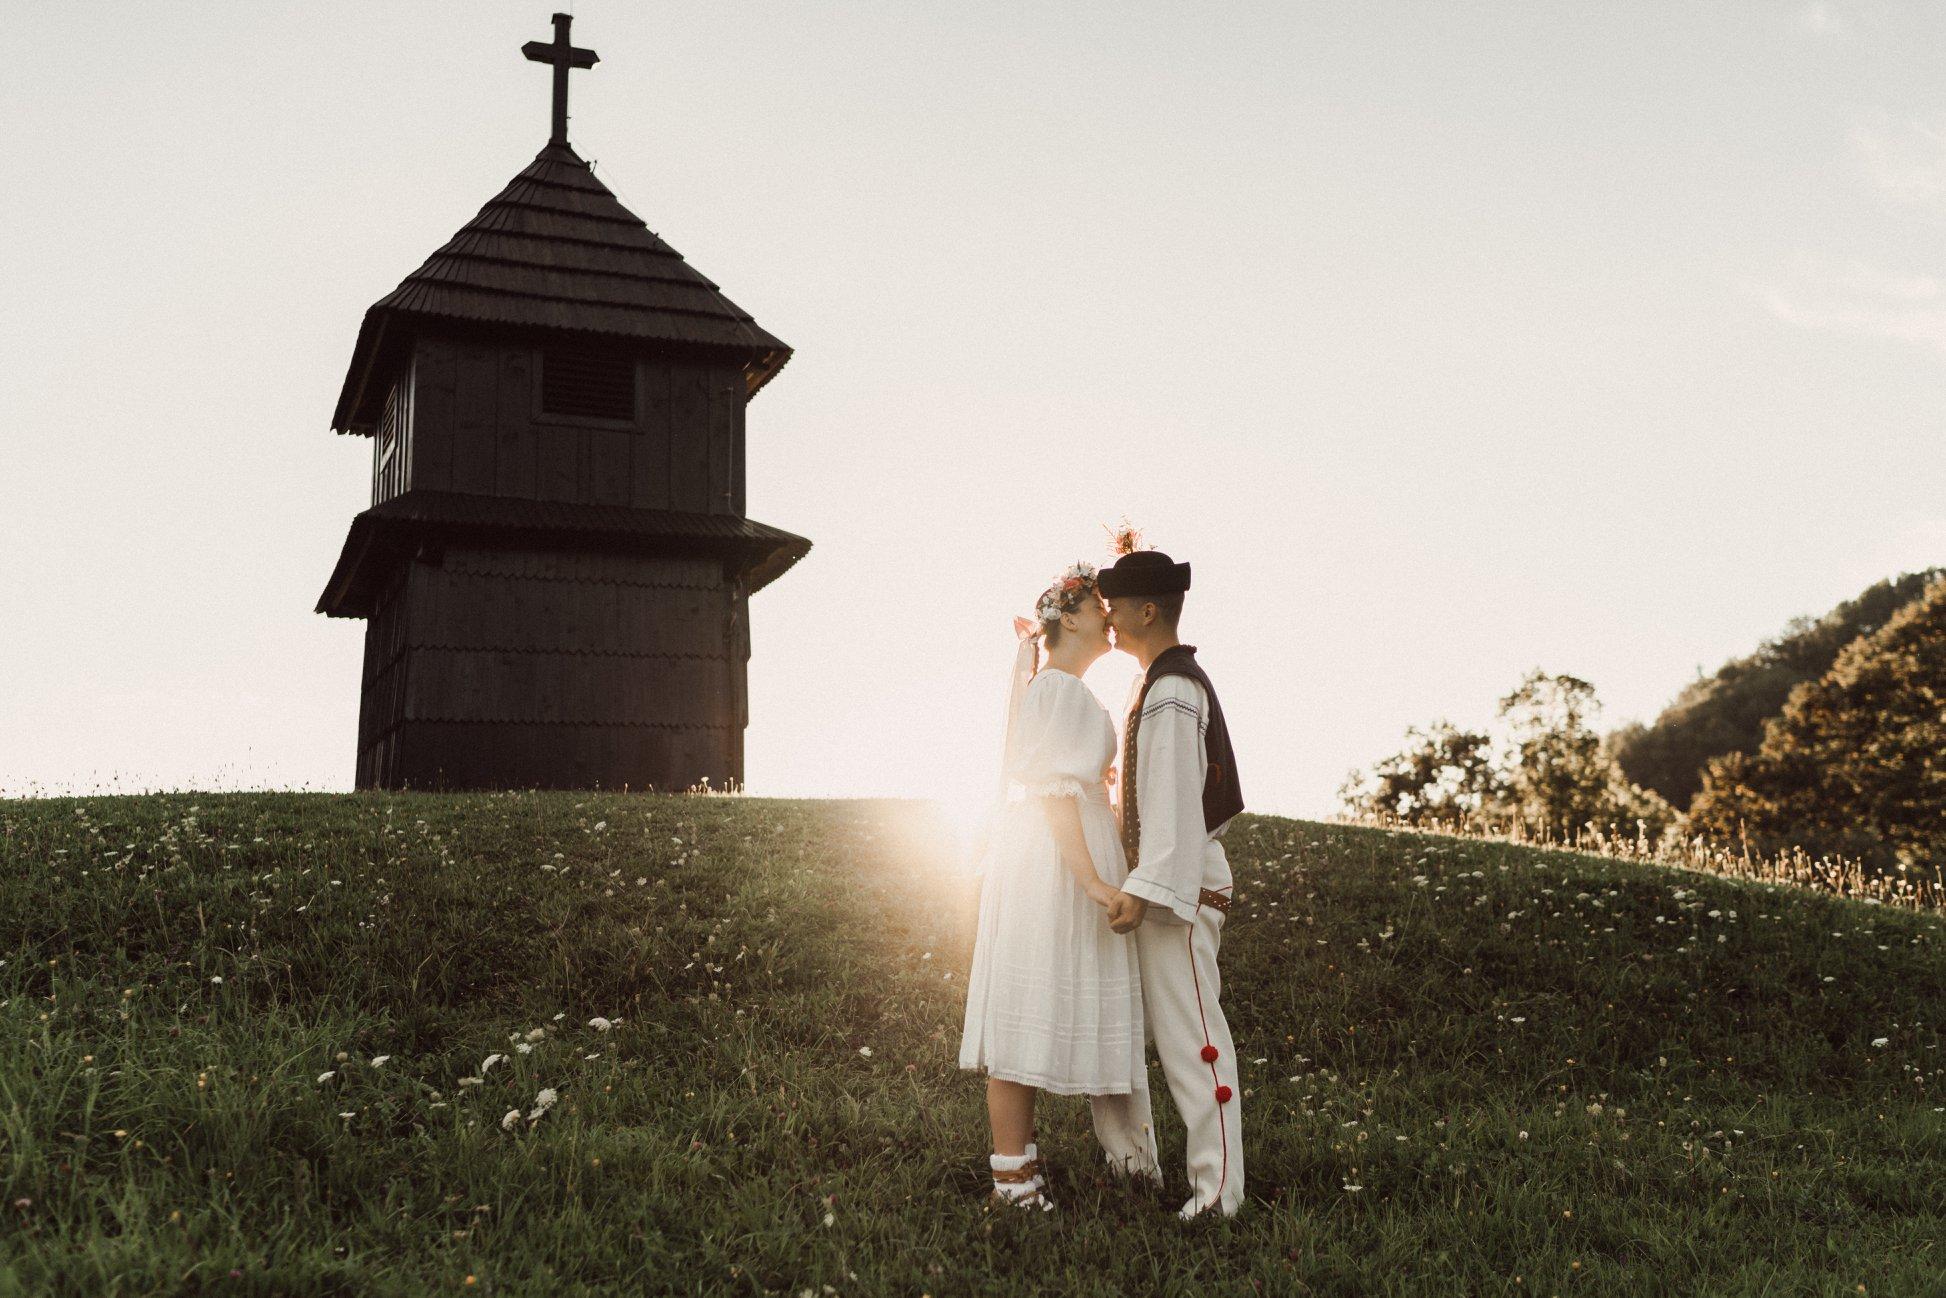 Folklórne predsvadobné fotenie pri Terchovskej znonici